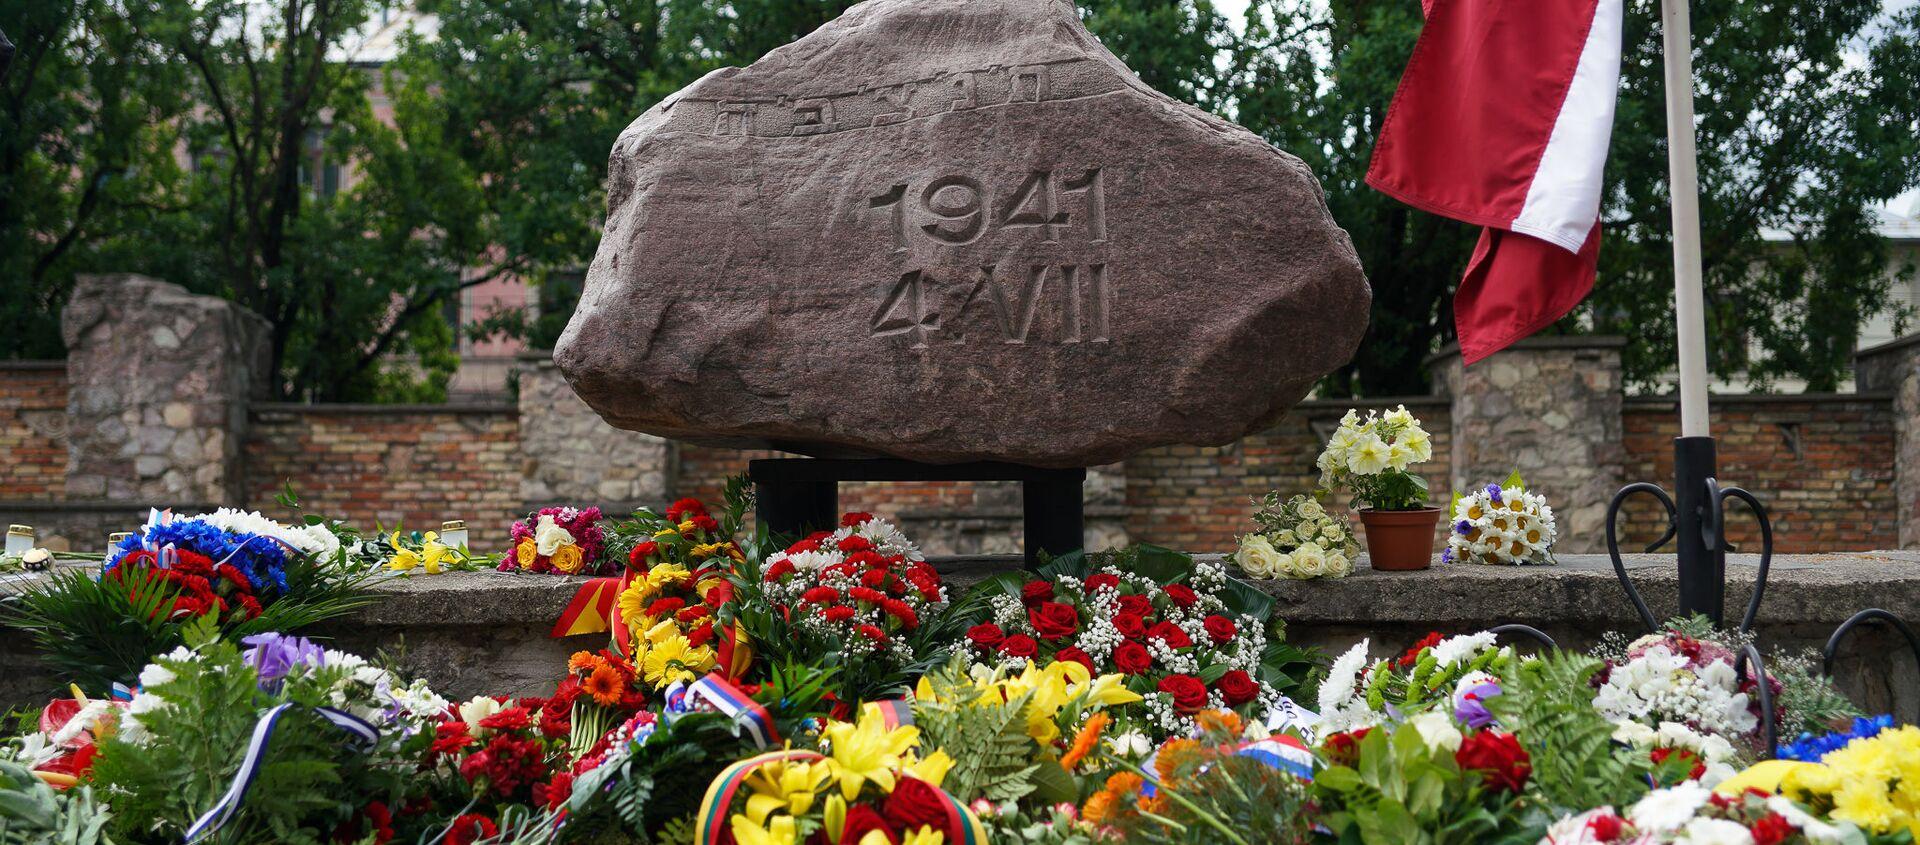 Траурное мероприятие у стен сгоревшей Рижской хоральной синагоги в День памяти жертв геноцида еврейского народа - Sputnik Latvija, 1920, 21.07.2020